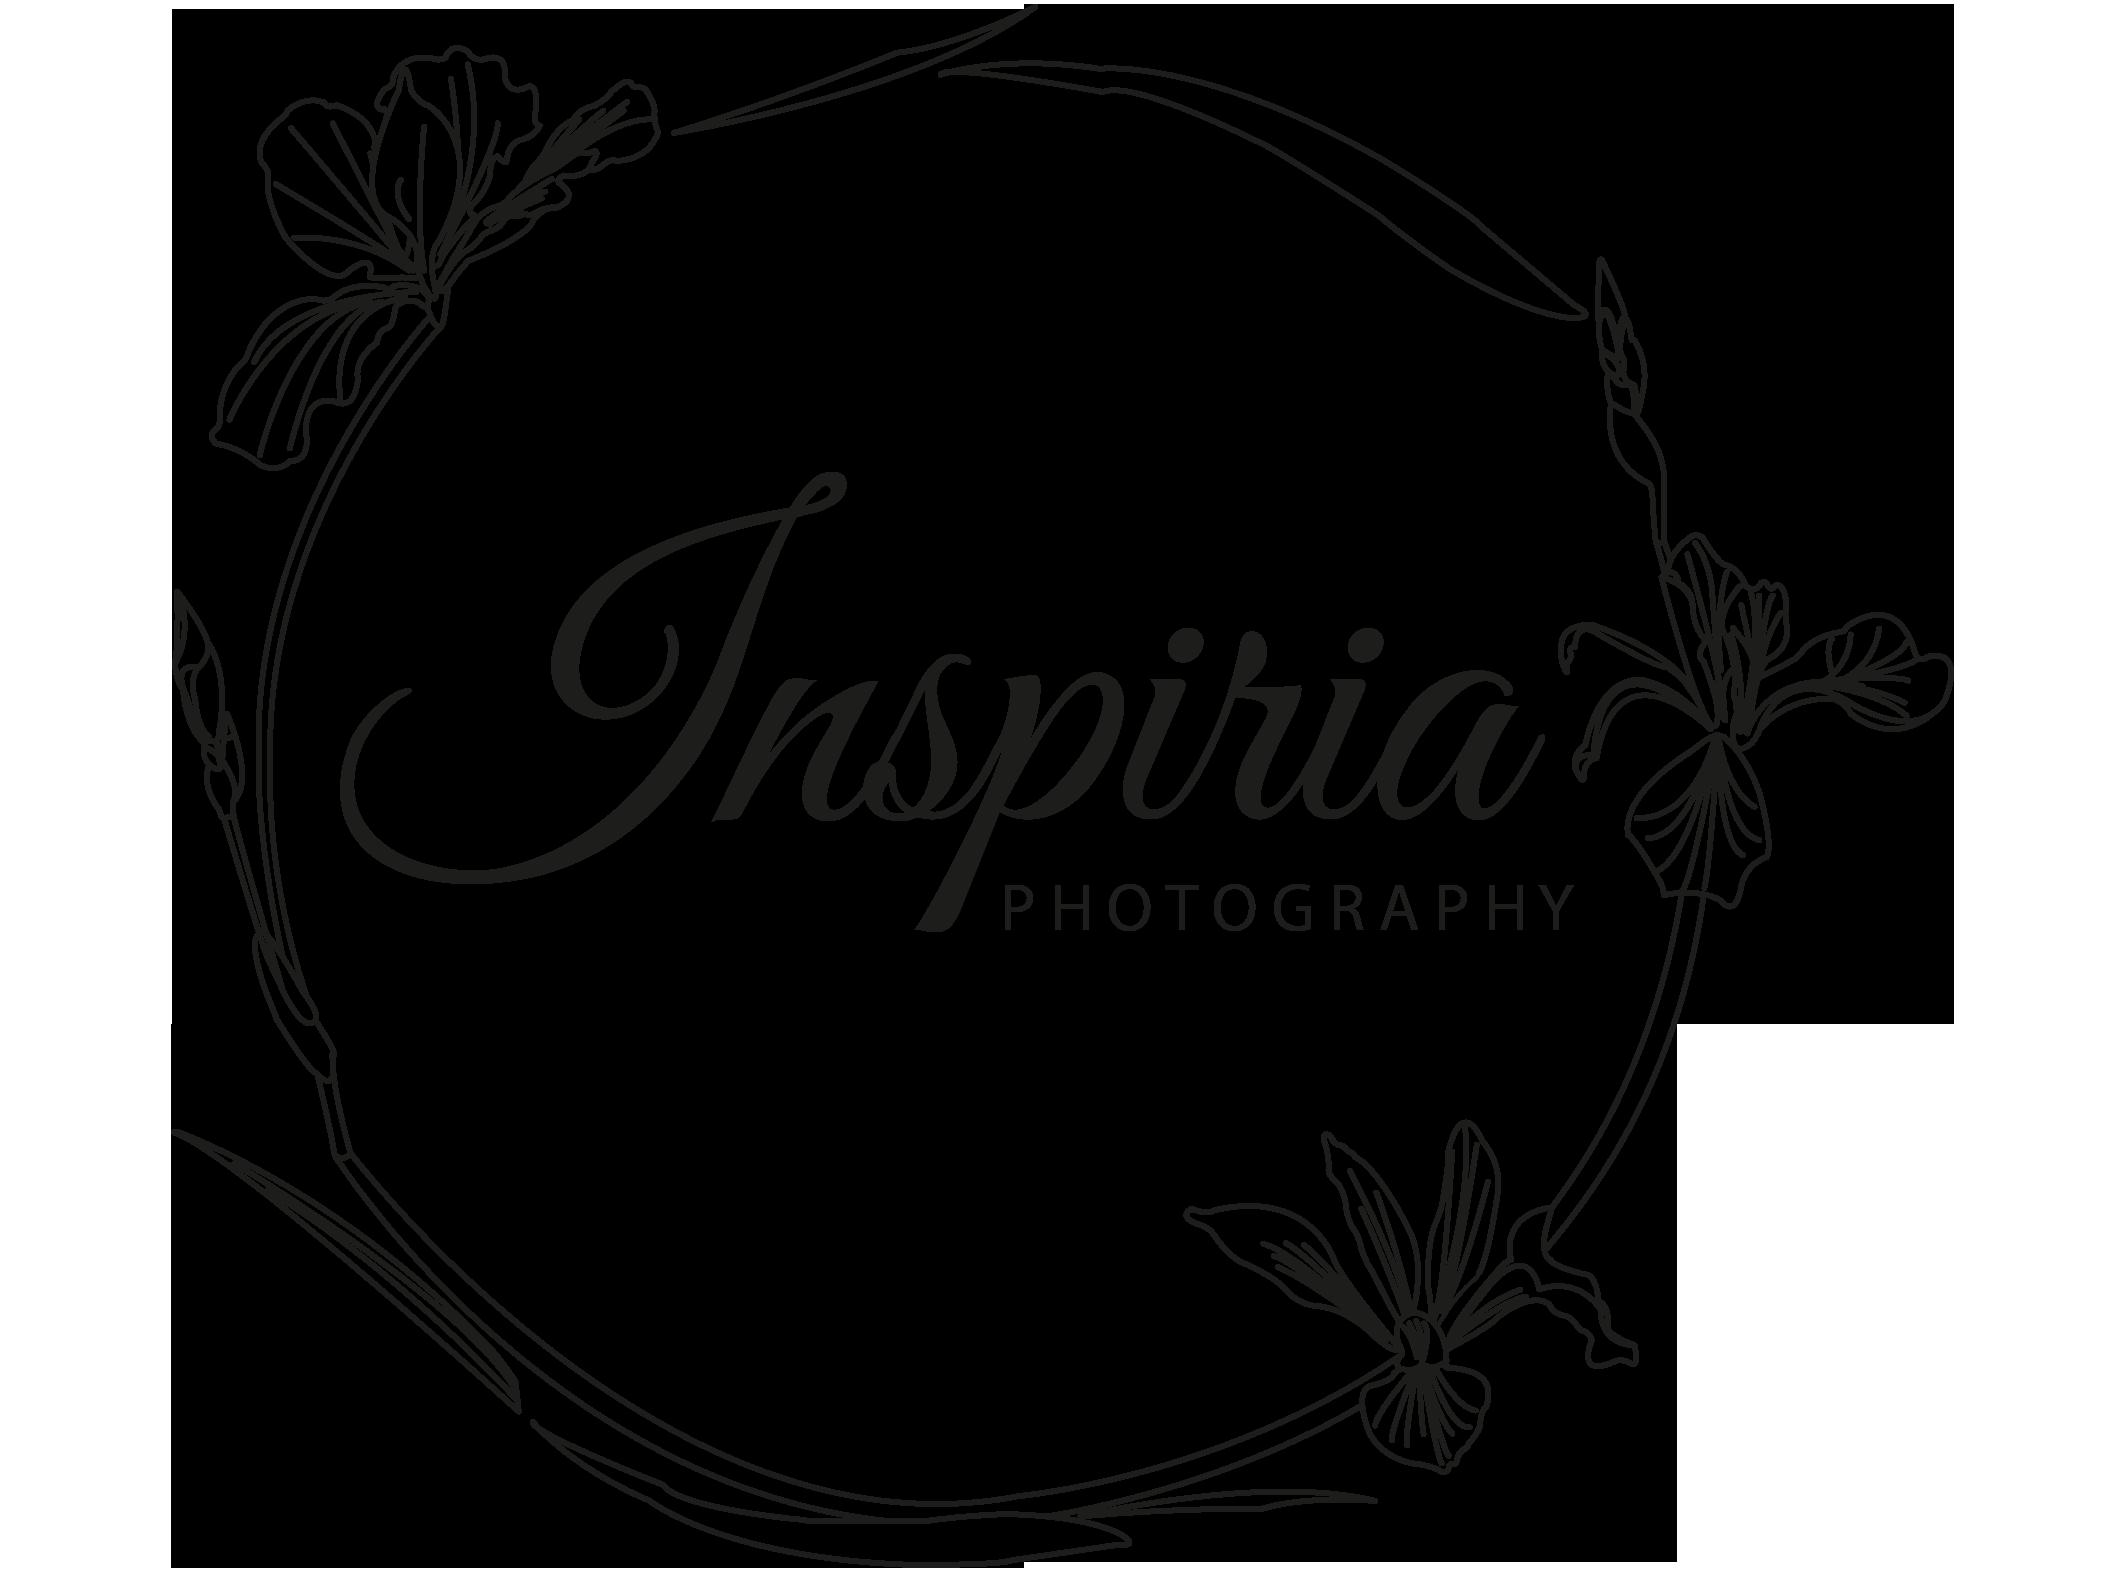 inspiria